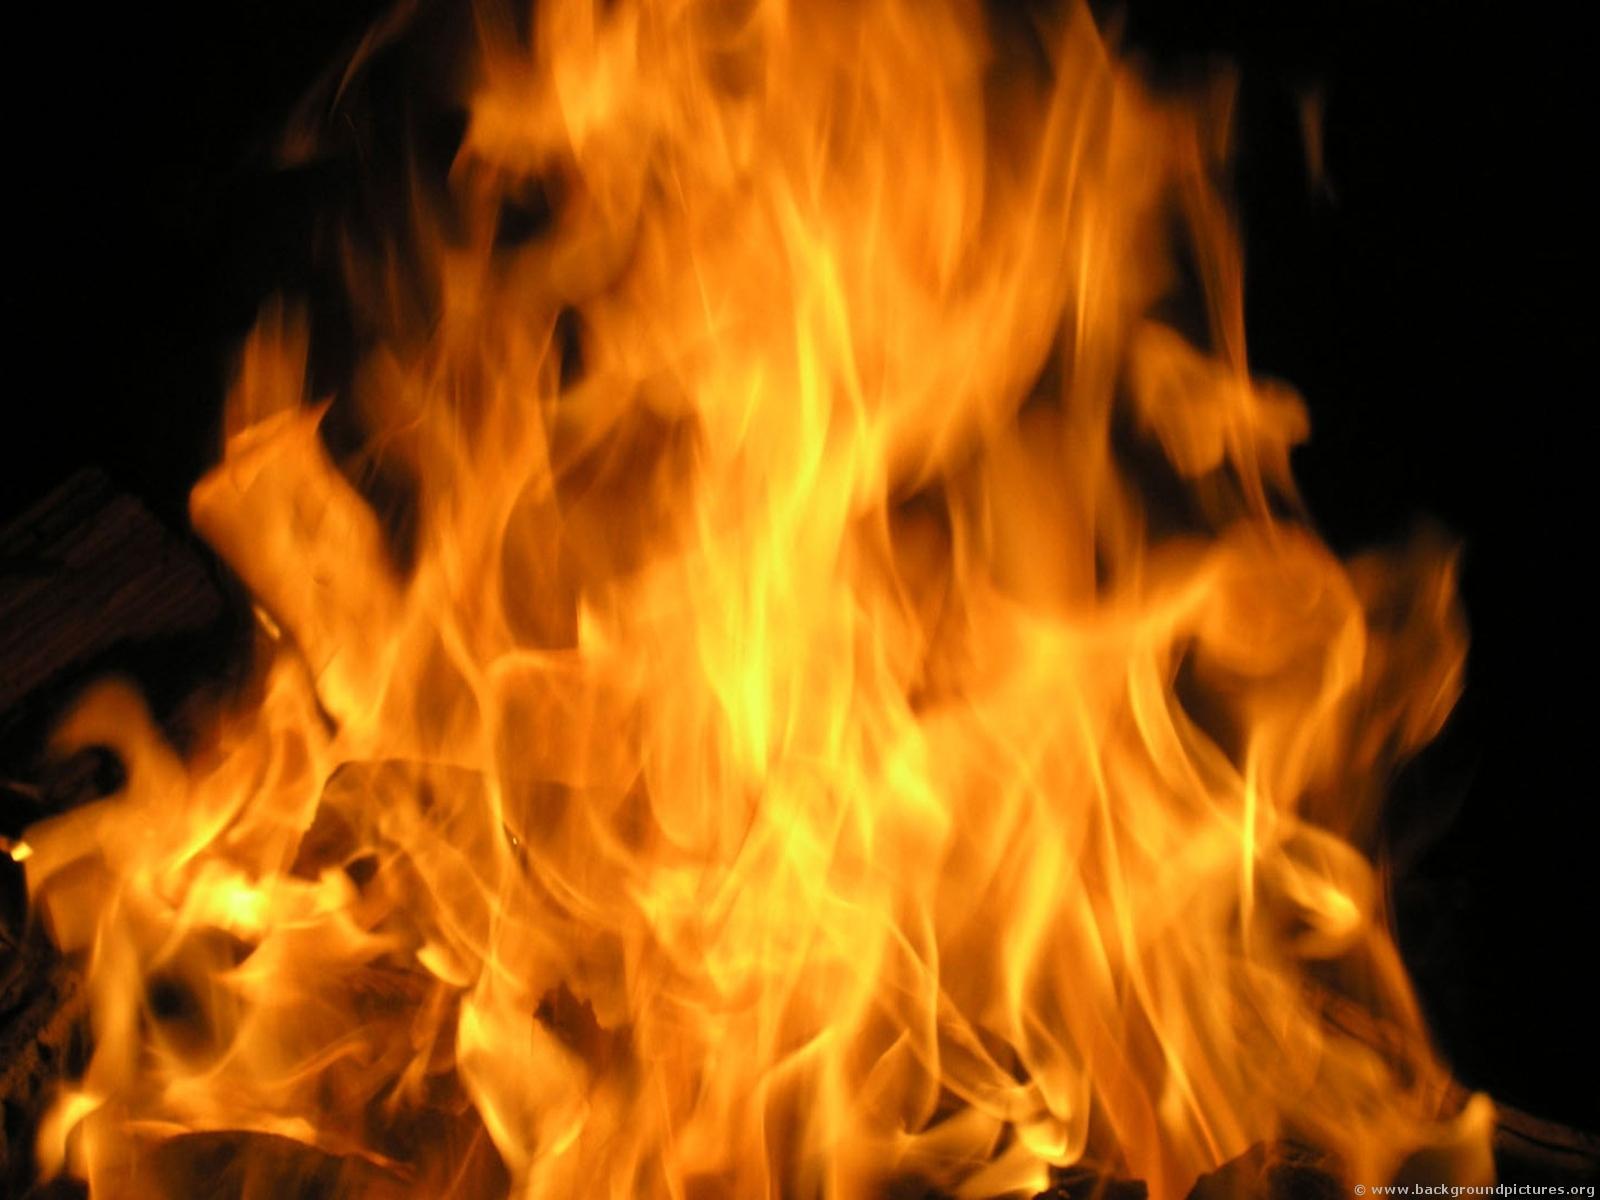 CARELESS SMOKING BLAMED FOR SENIORS HOME FIRE IN SE EDMONTON